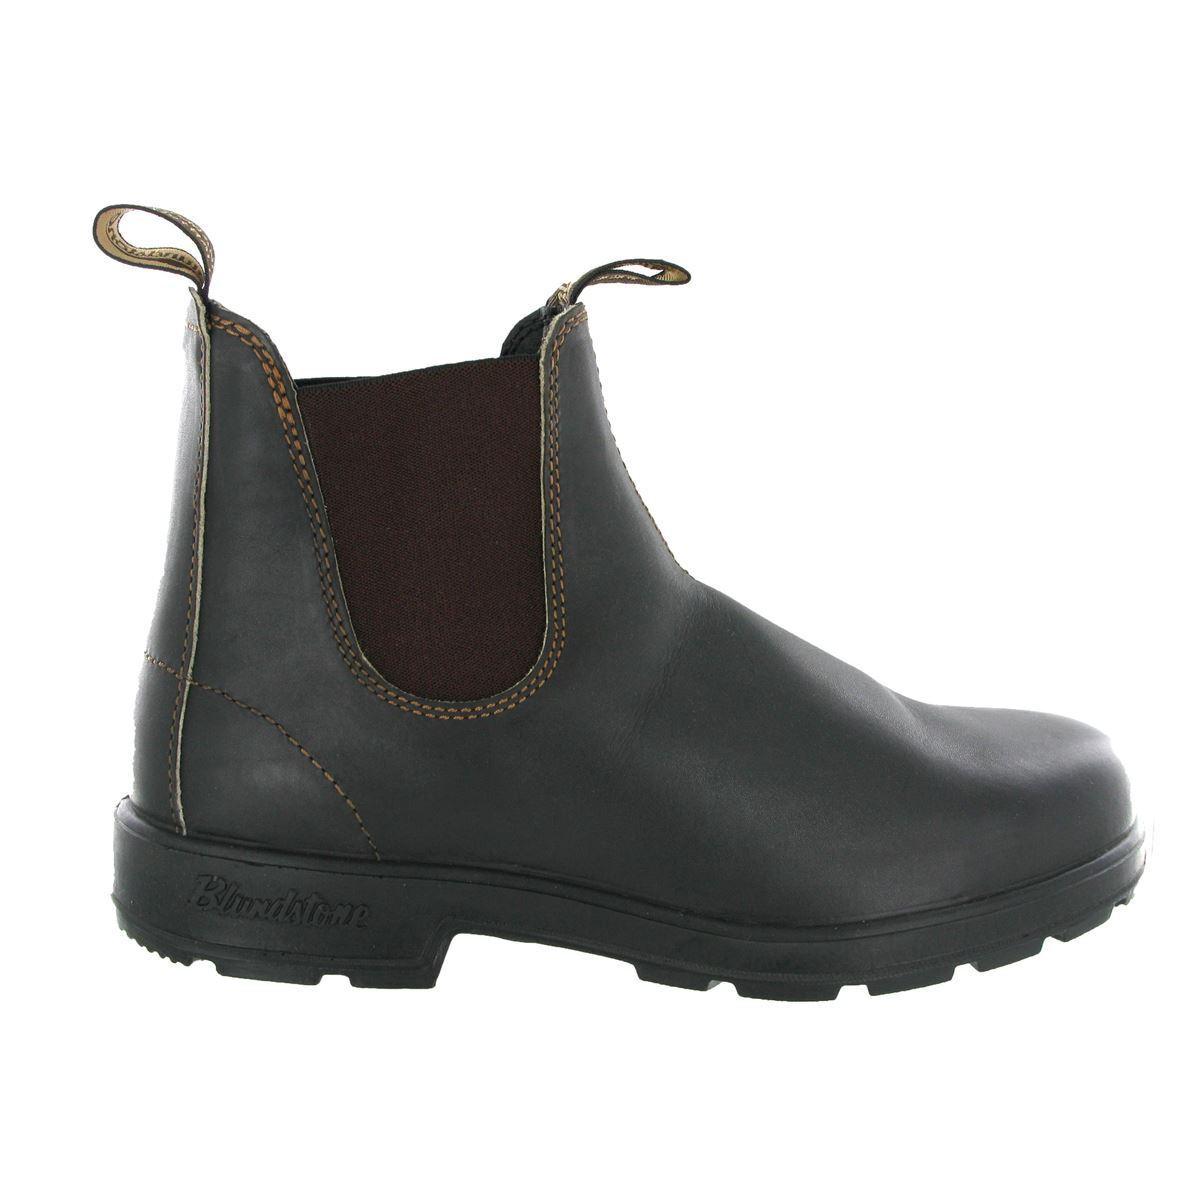 Blundstone 500 Brown Men's Chelsea Boots